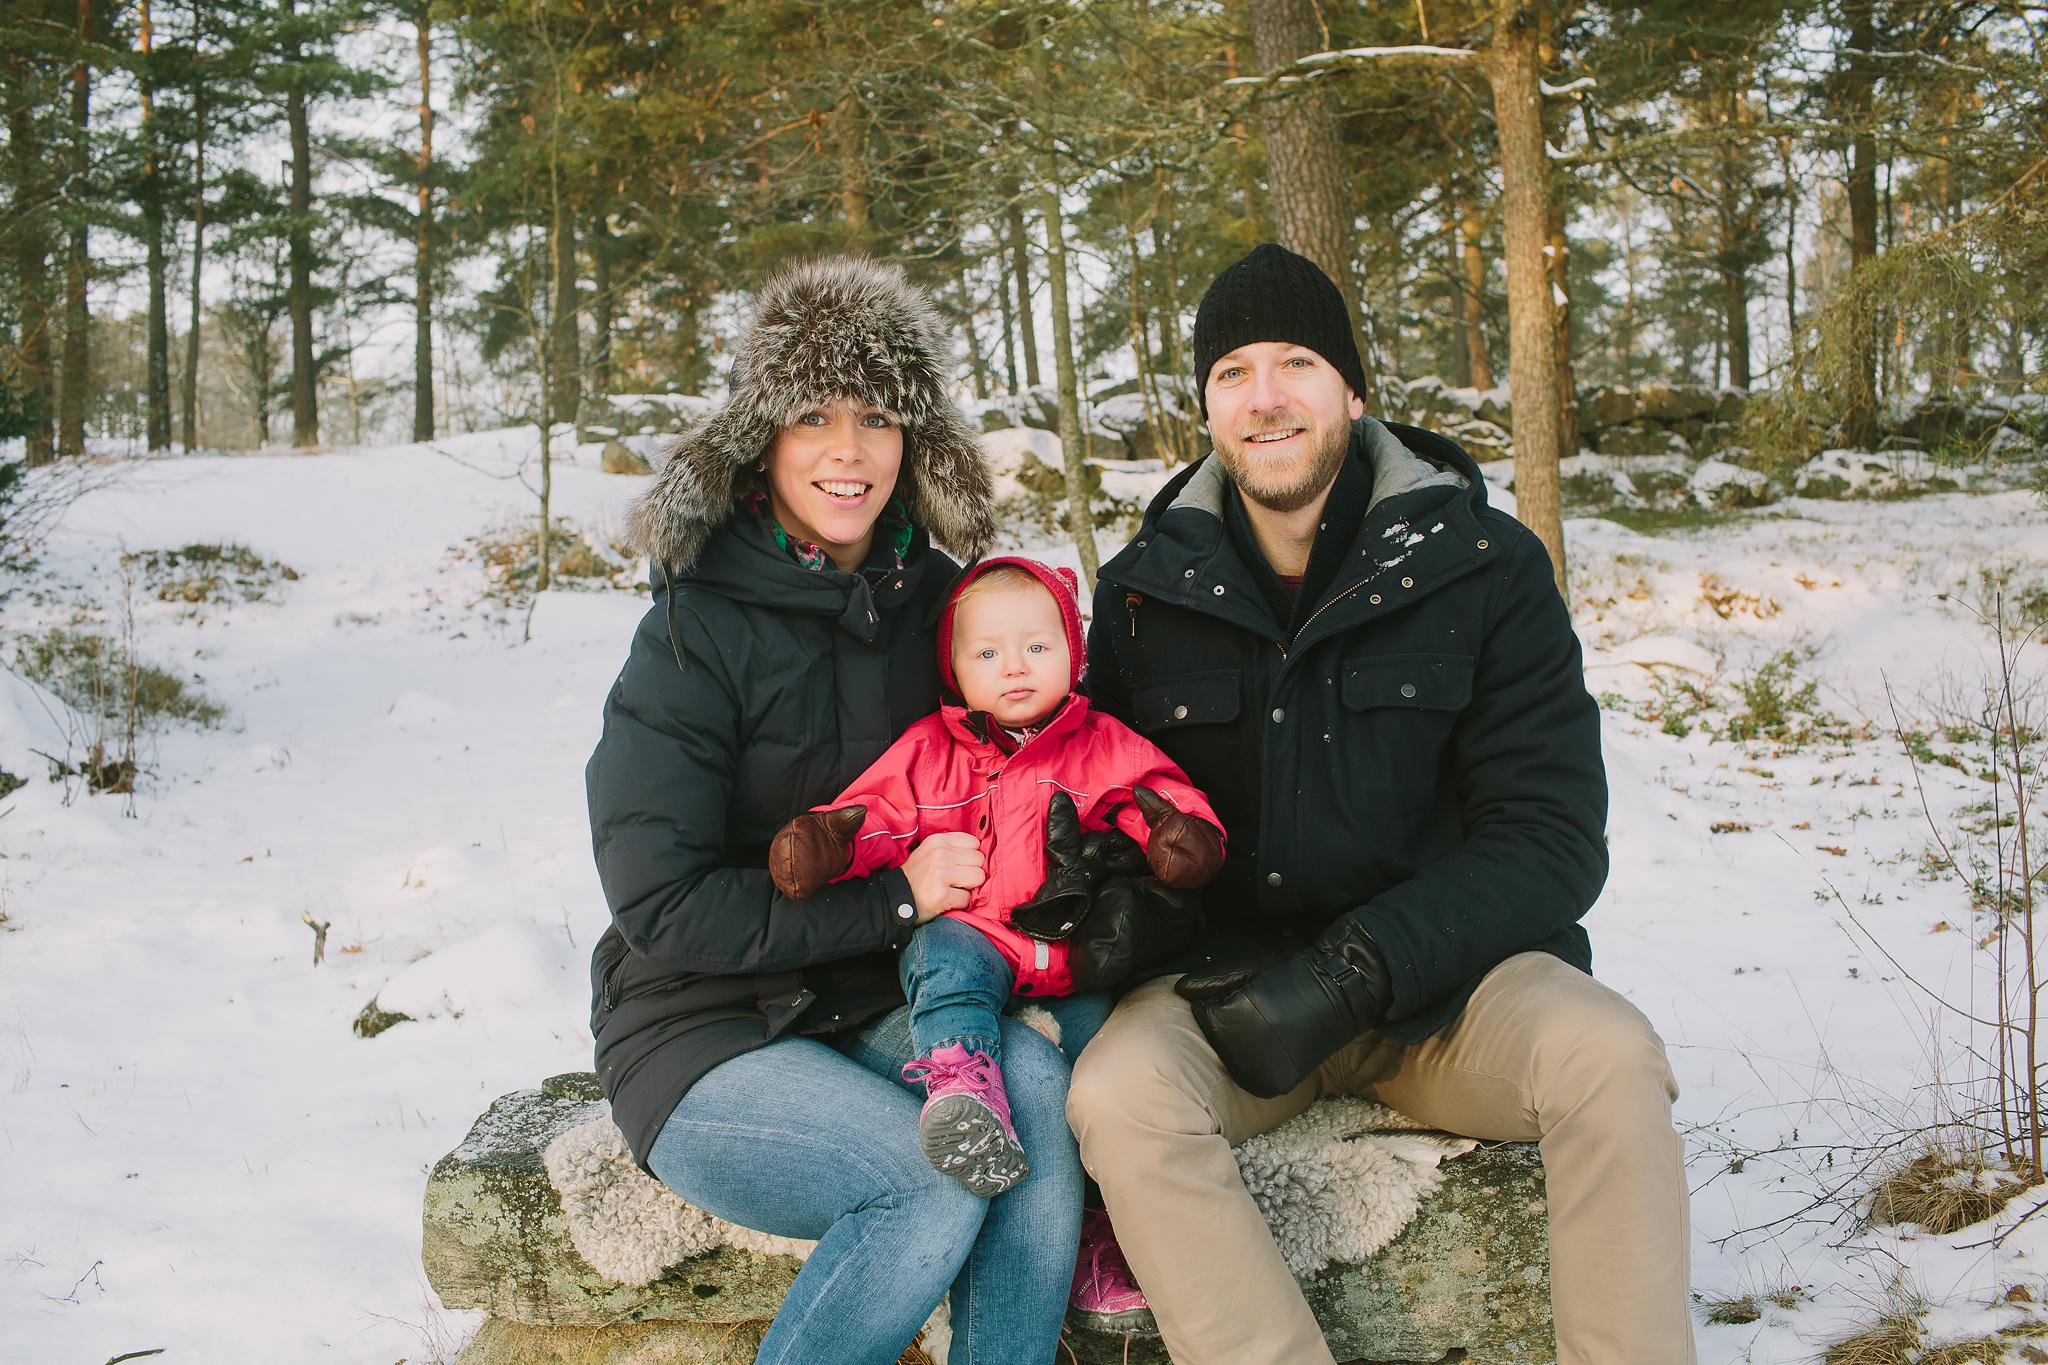 Familjebild på Djäkneberget i Västerås